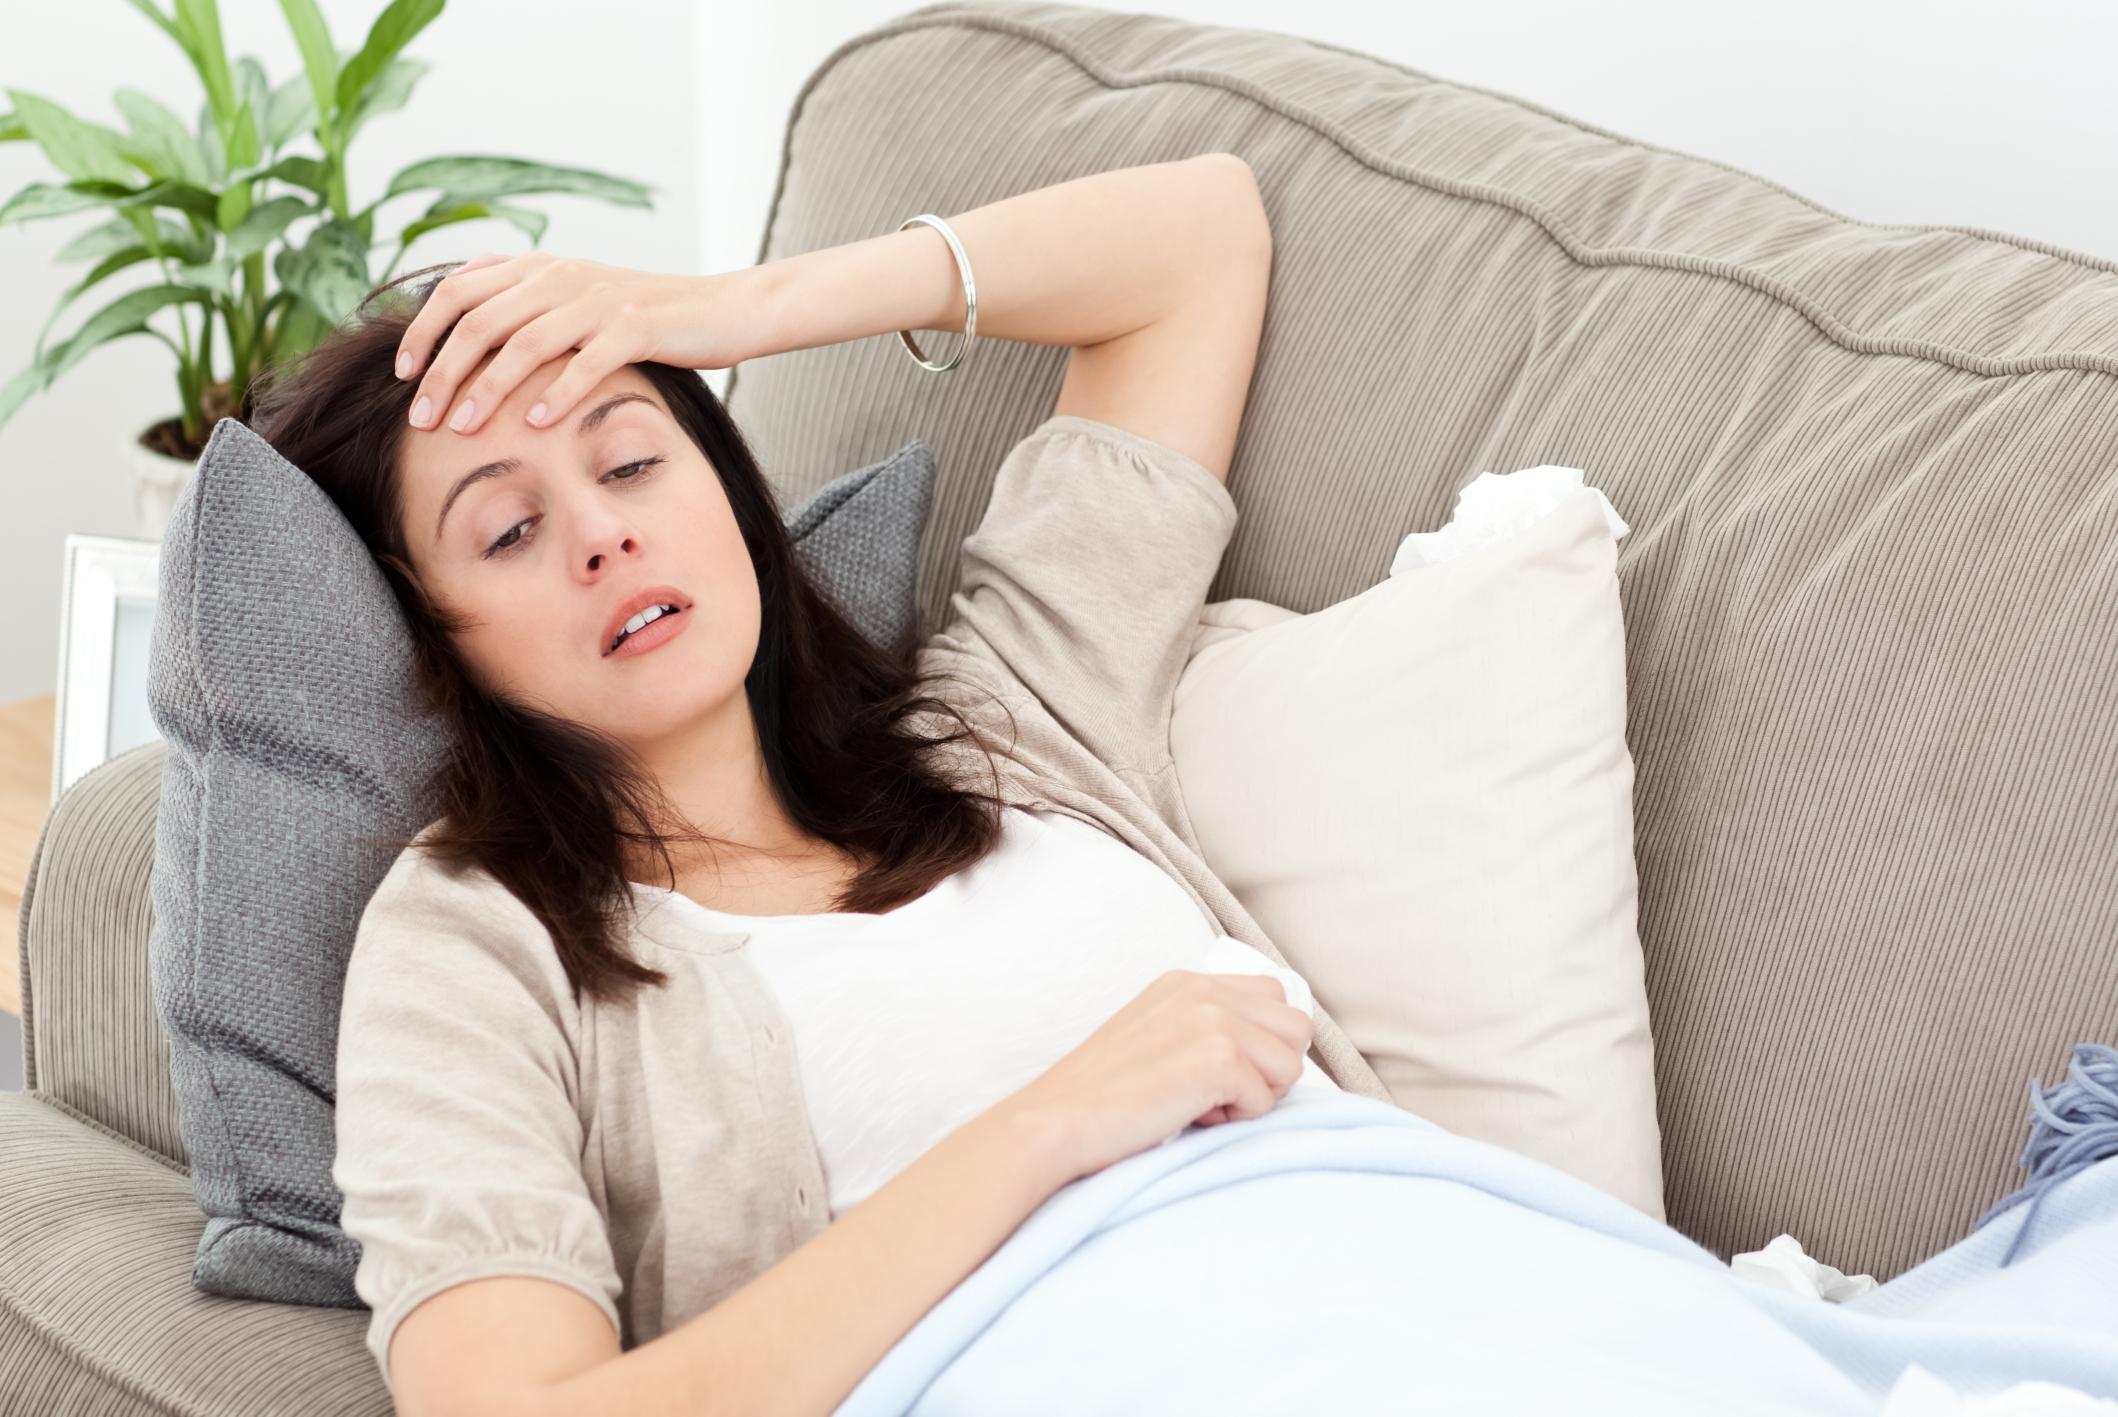 Як виглядає лишай на шкірі при вагітності, мазь, крем, ознаки і лікування